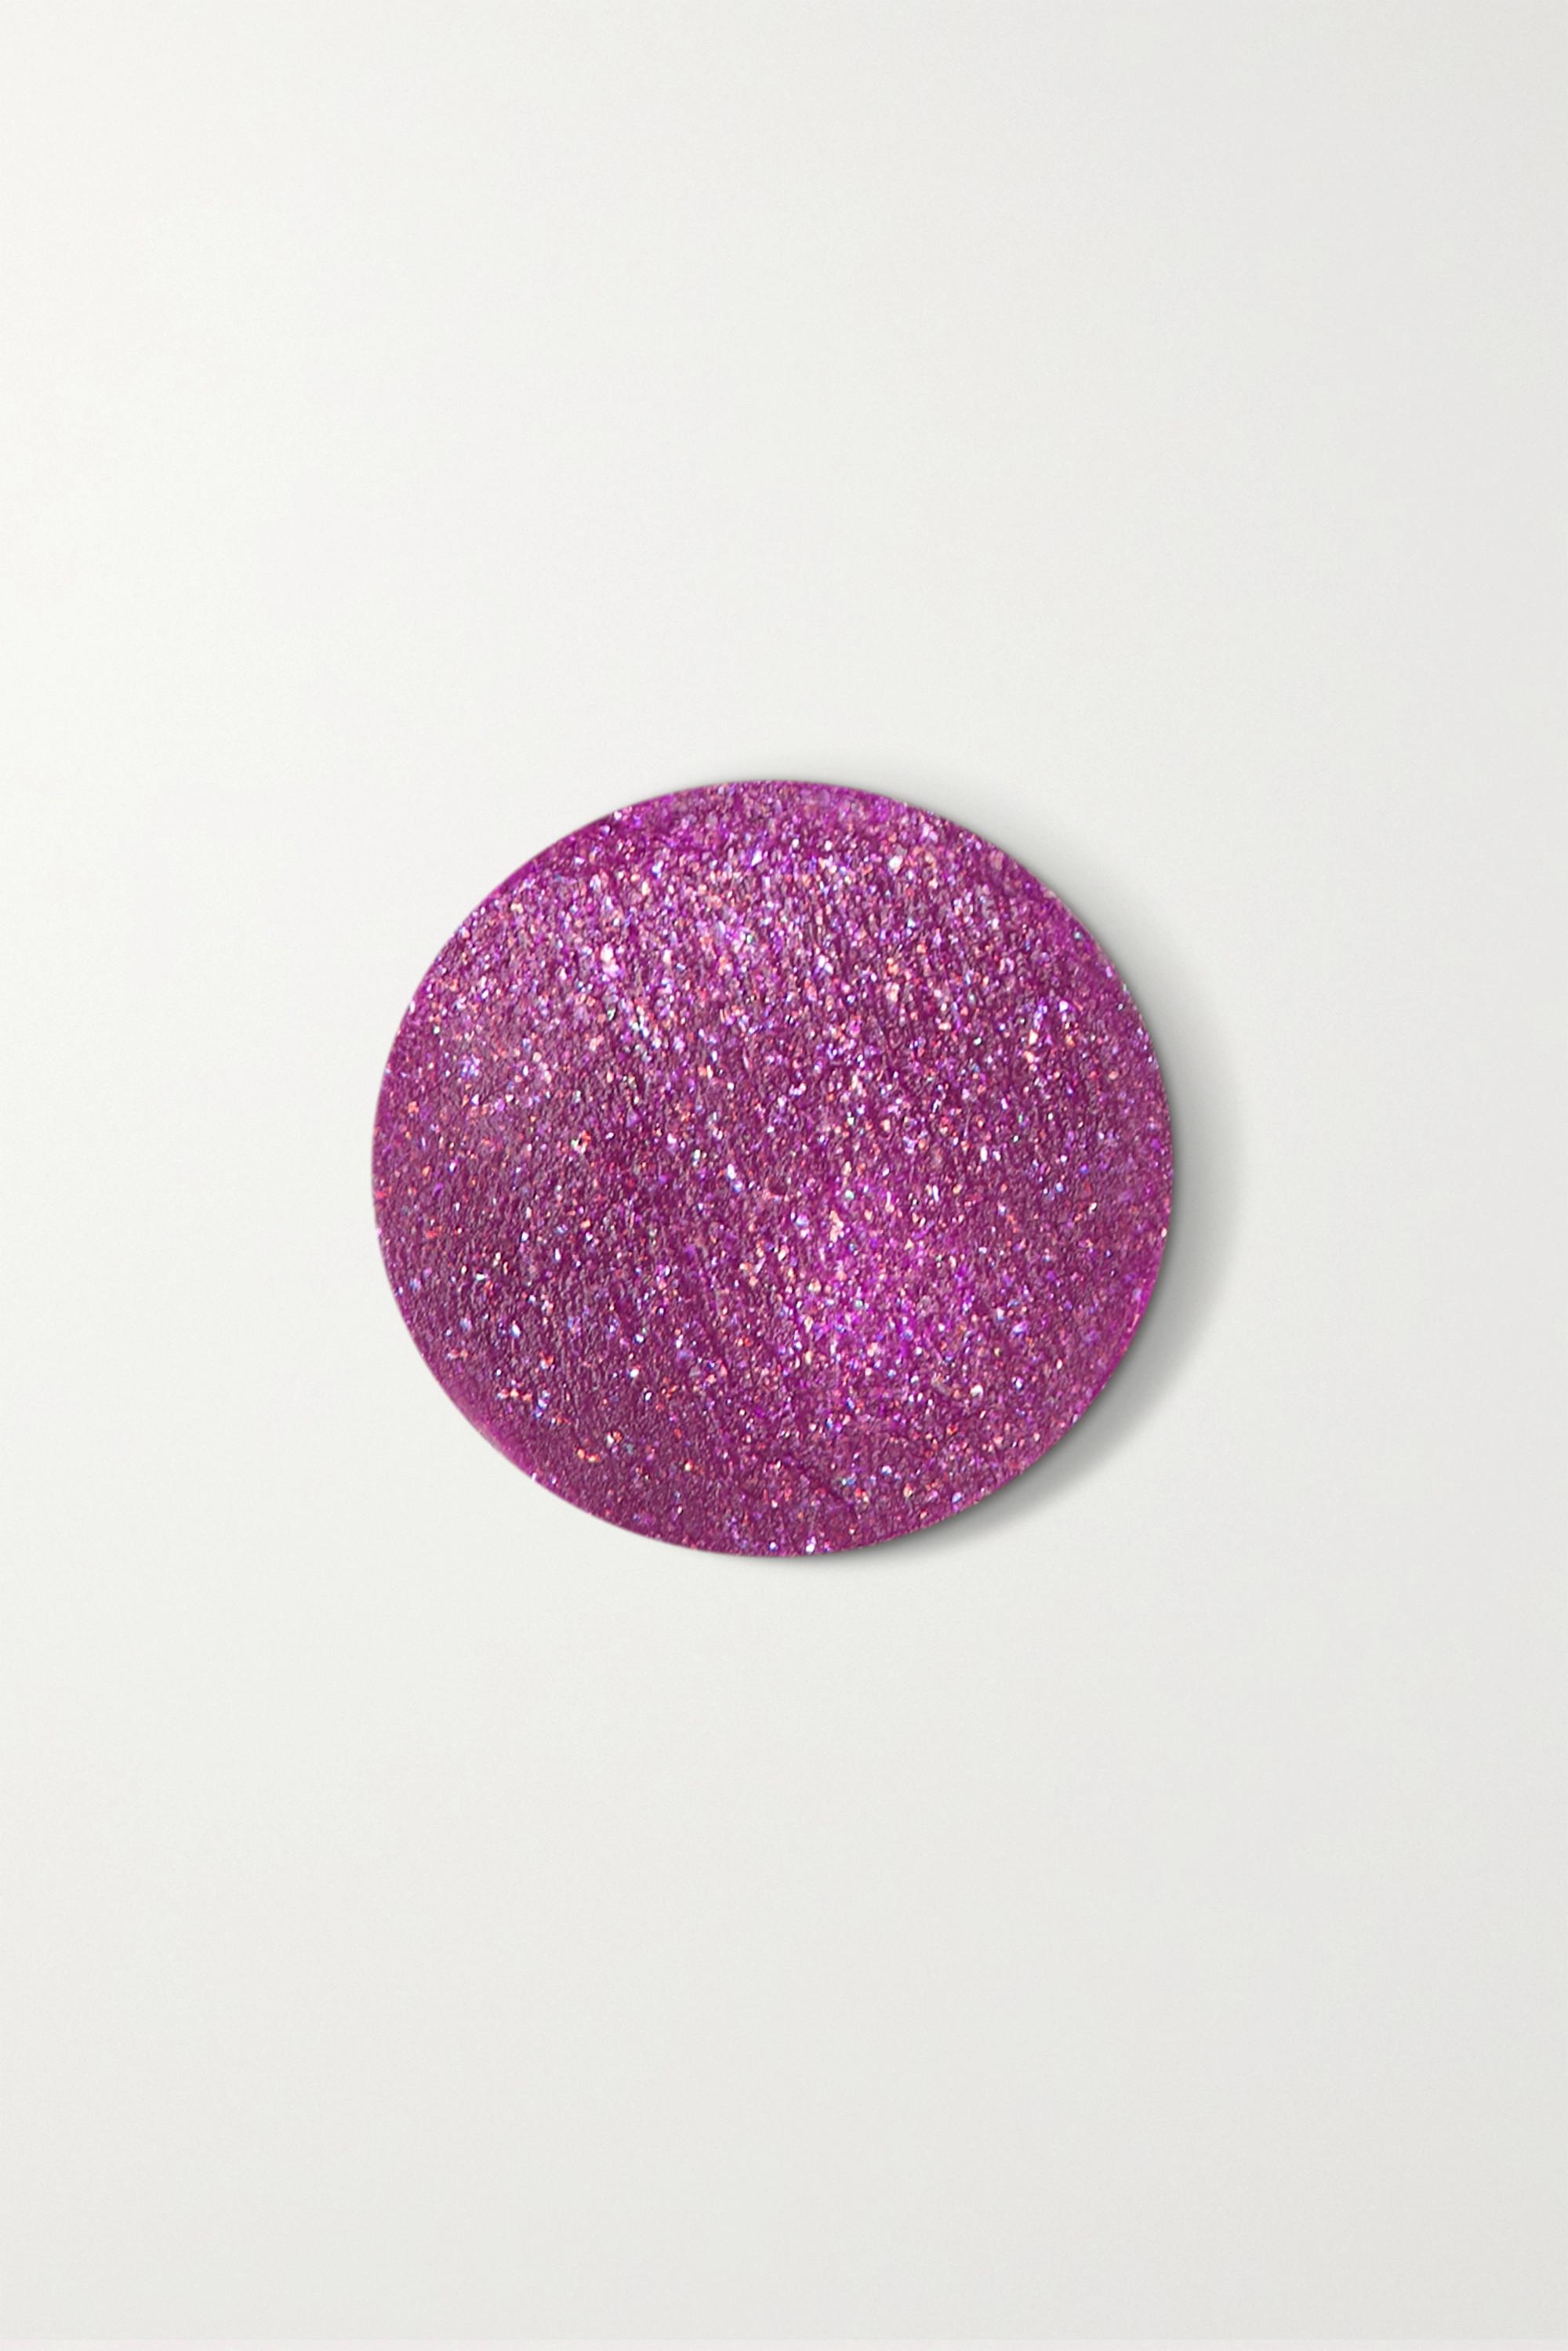 Pat McGrath Labs Lip Fetish Astral Lip Balm - Rose Quartz